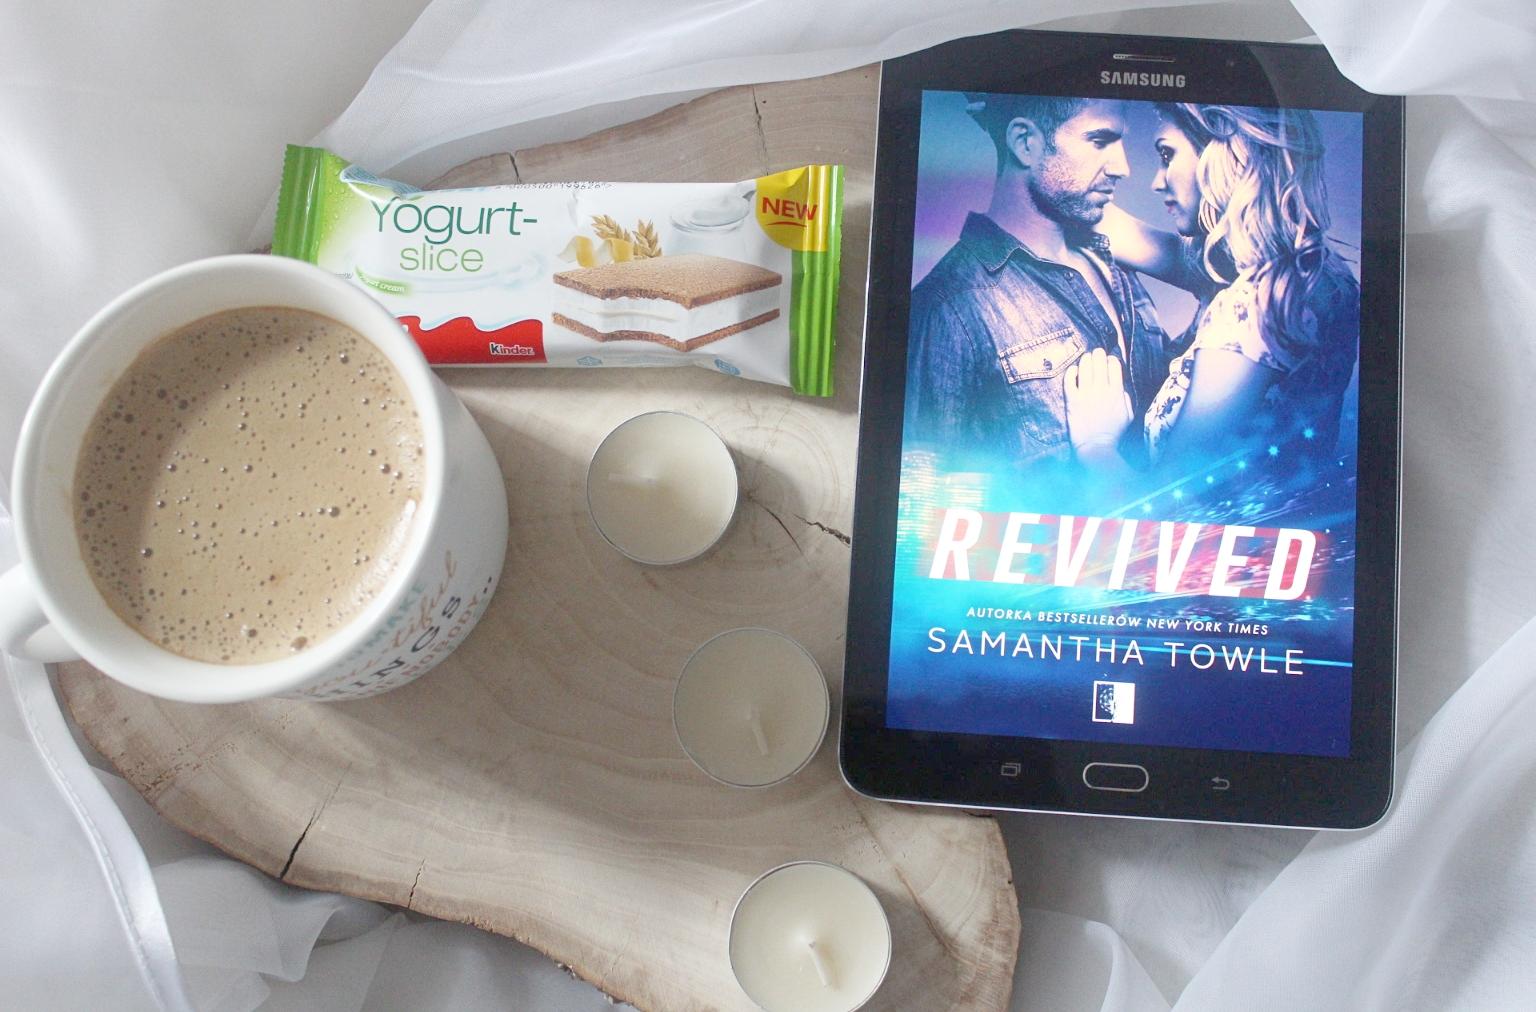 Przedpremierowa recenzja REVIVED, Samantha Towle. Powieść ociekająca namiętną miłością, poświęceniem i emocjami.